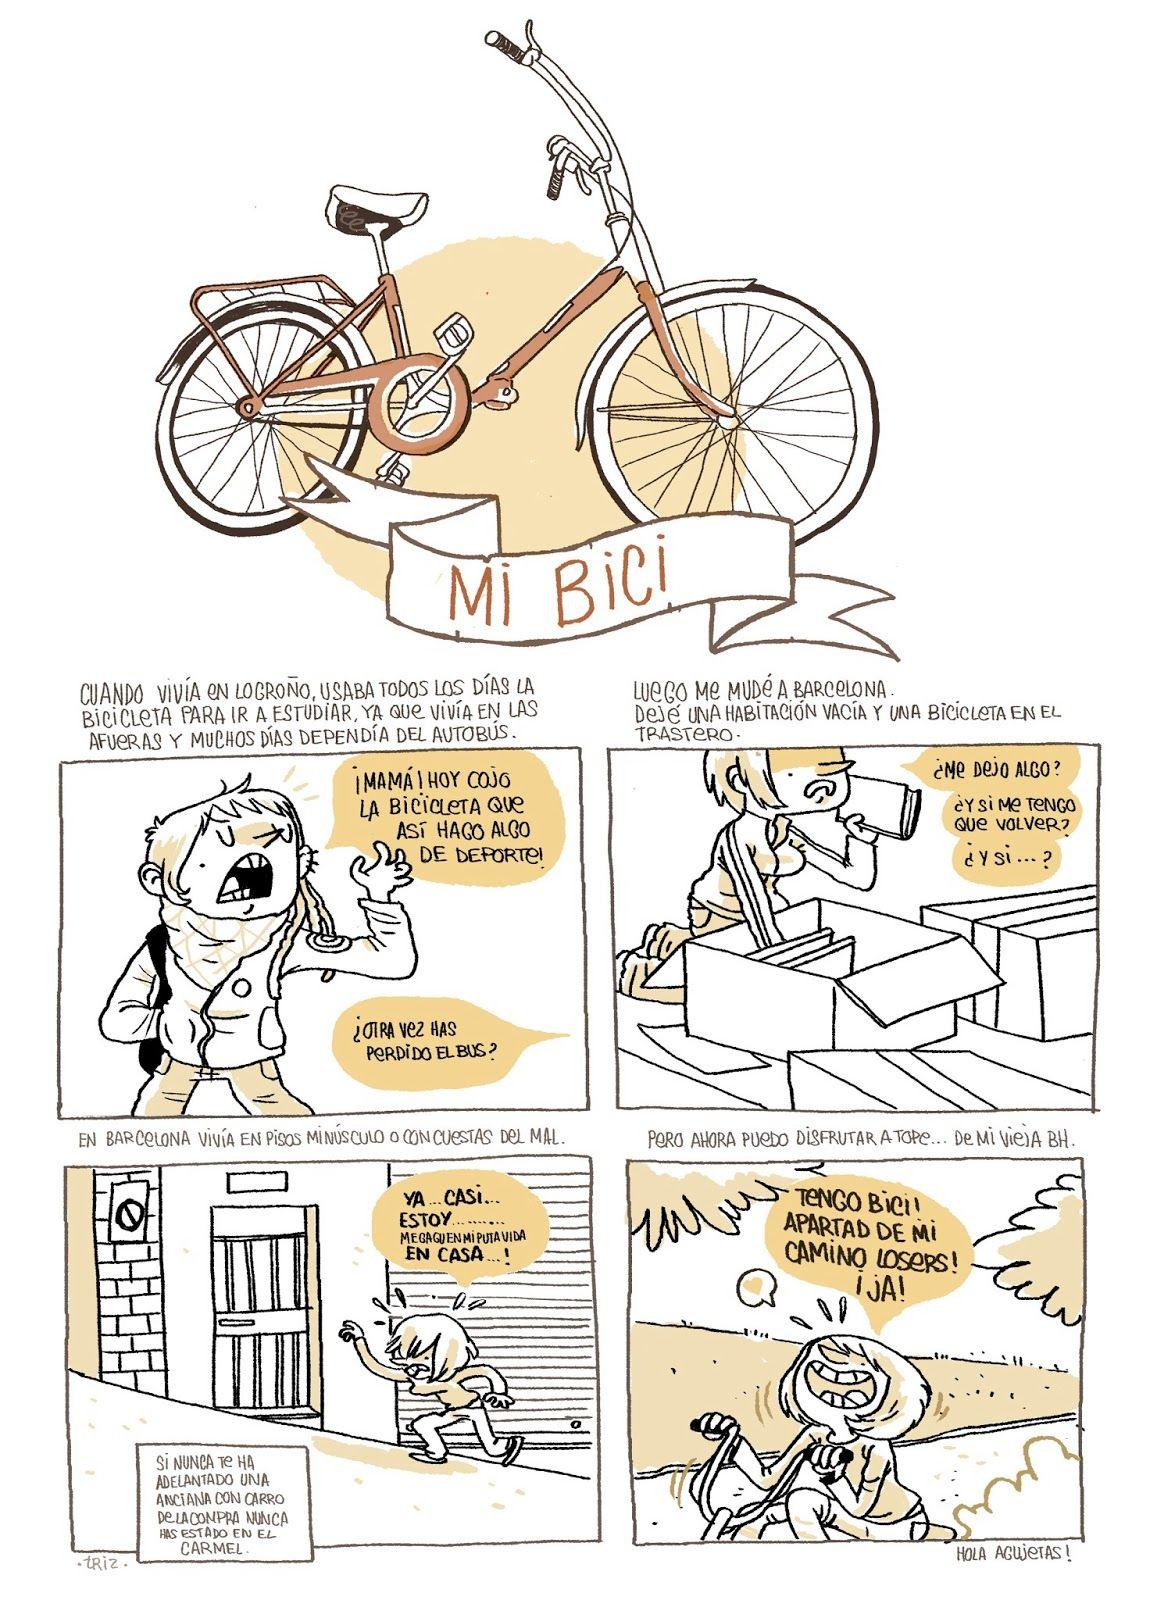 Mi bici, por Bea Tormo.